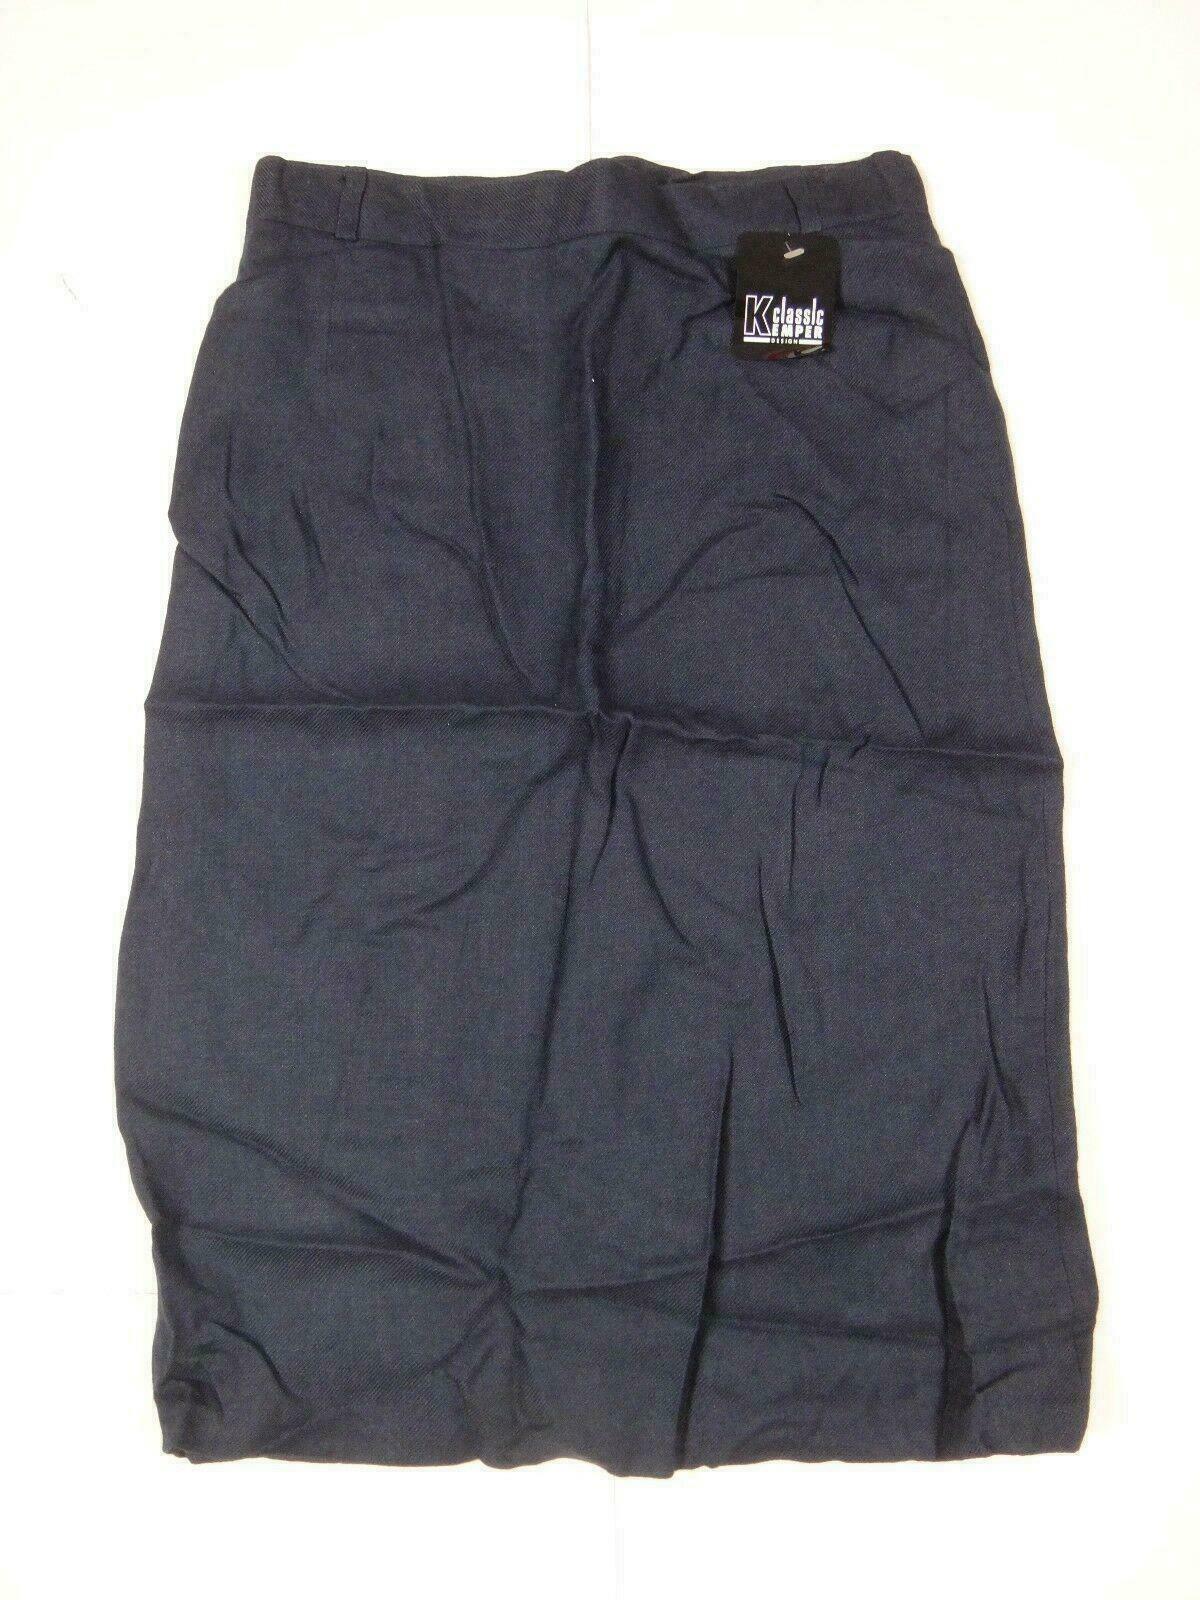 12594 Womens Skirt Classical Kemper Model 4695 Size 40 Dark Blue